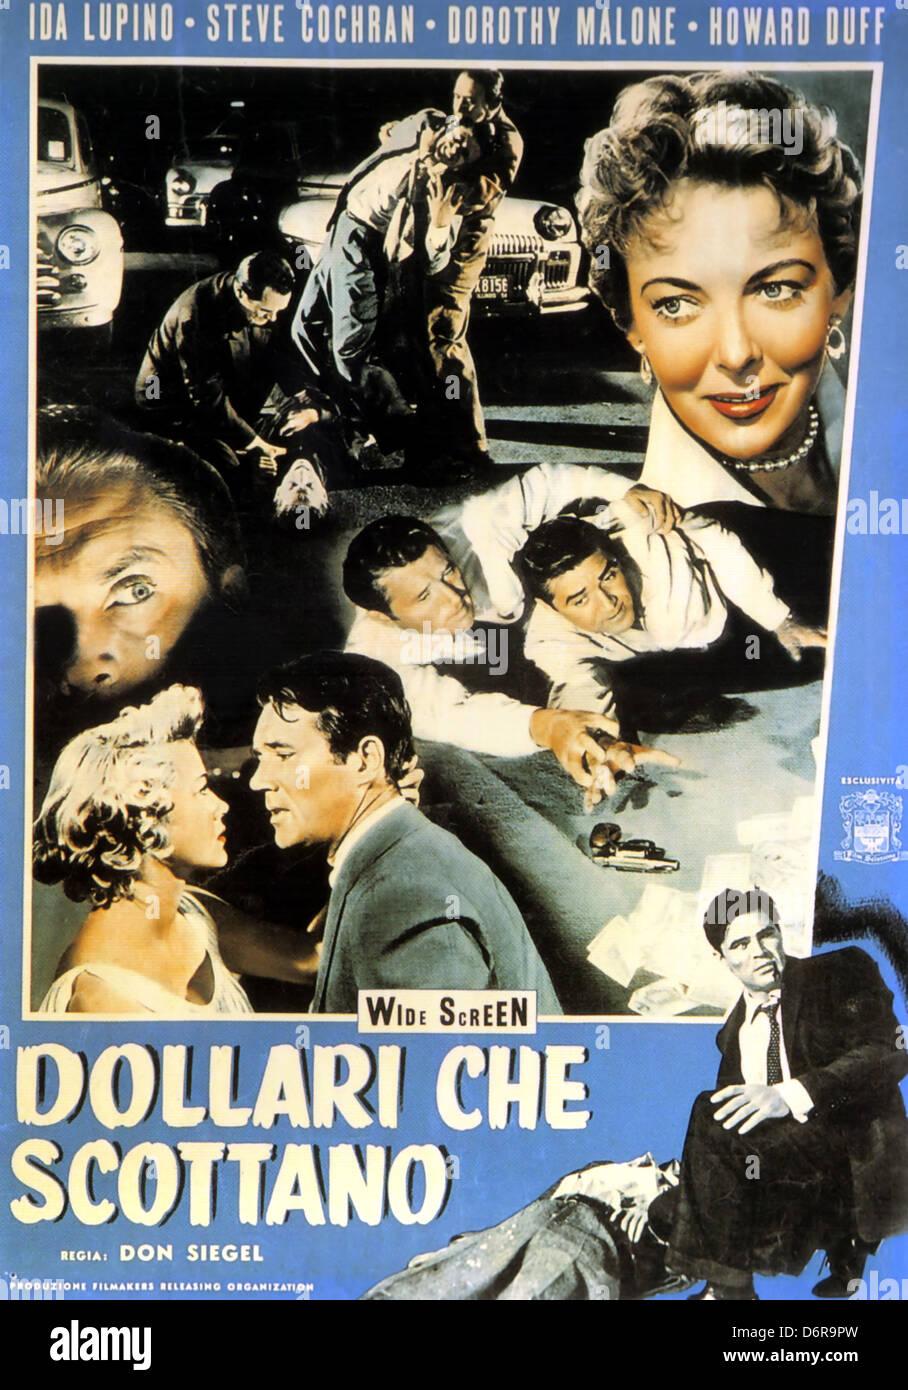 Italian Movie Poster Stockfotos & Italian Movie Poster Bilder - Alamy